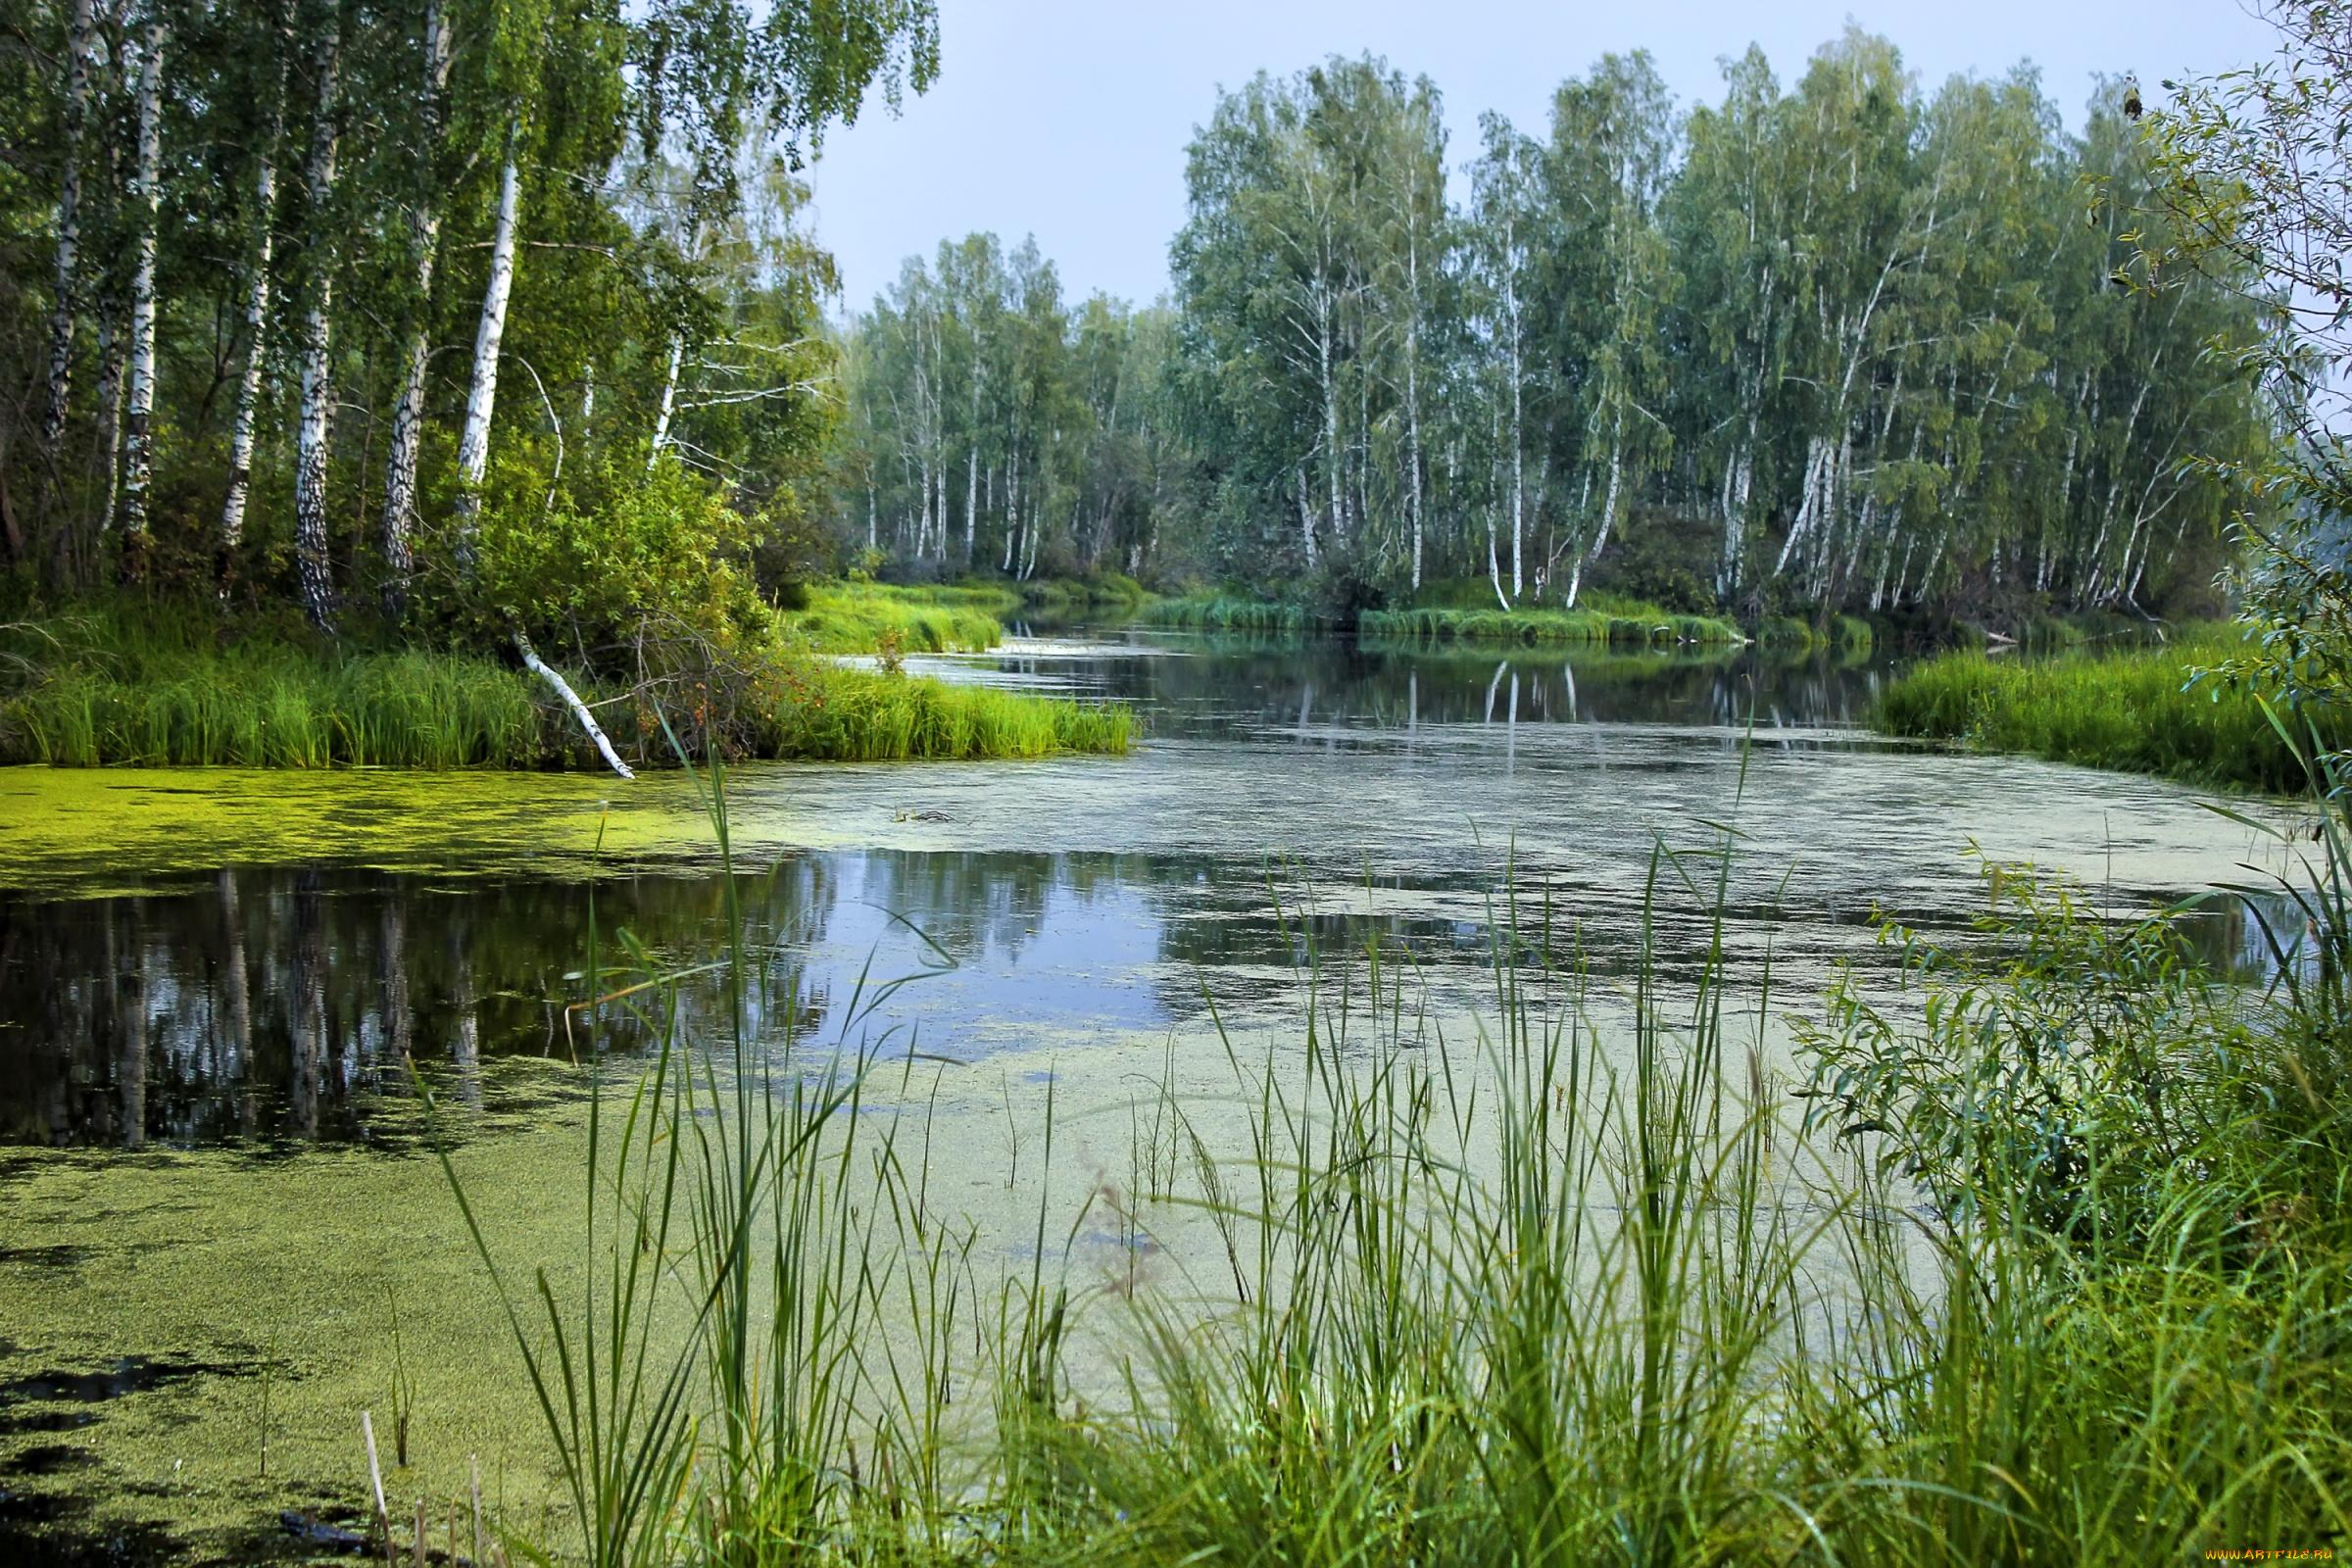 березы берег озеро  № 1195509 загрузить